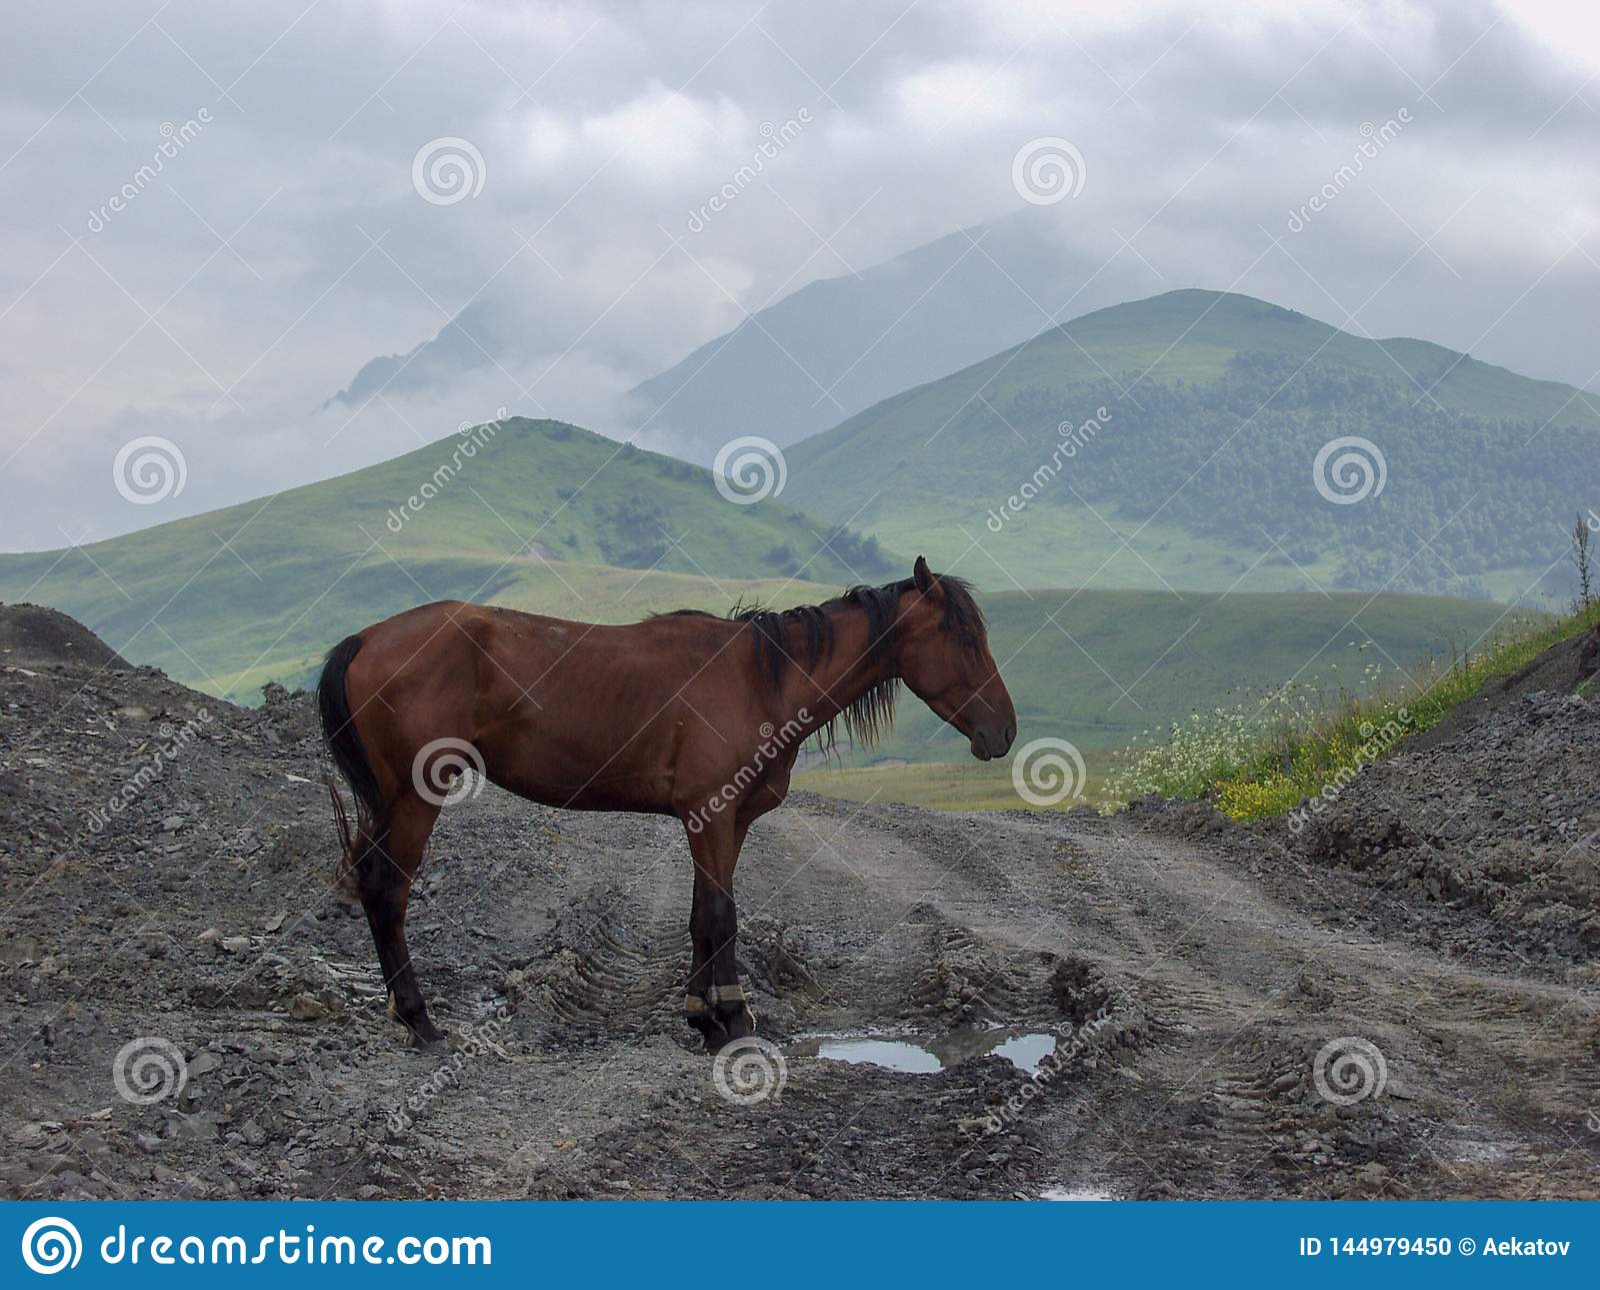 Άλογο Ταξίδι στα βουνά Καύκασου στην Καμπαρντίνο-Μπαλκαρία